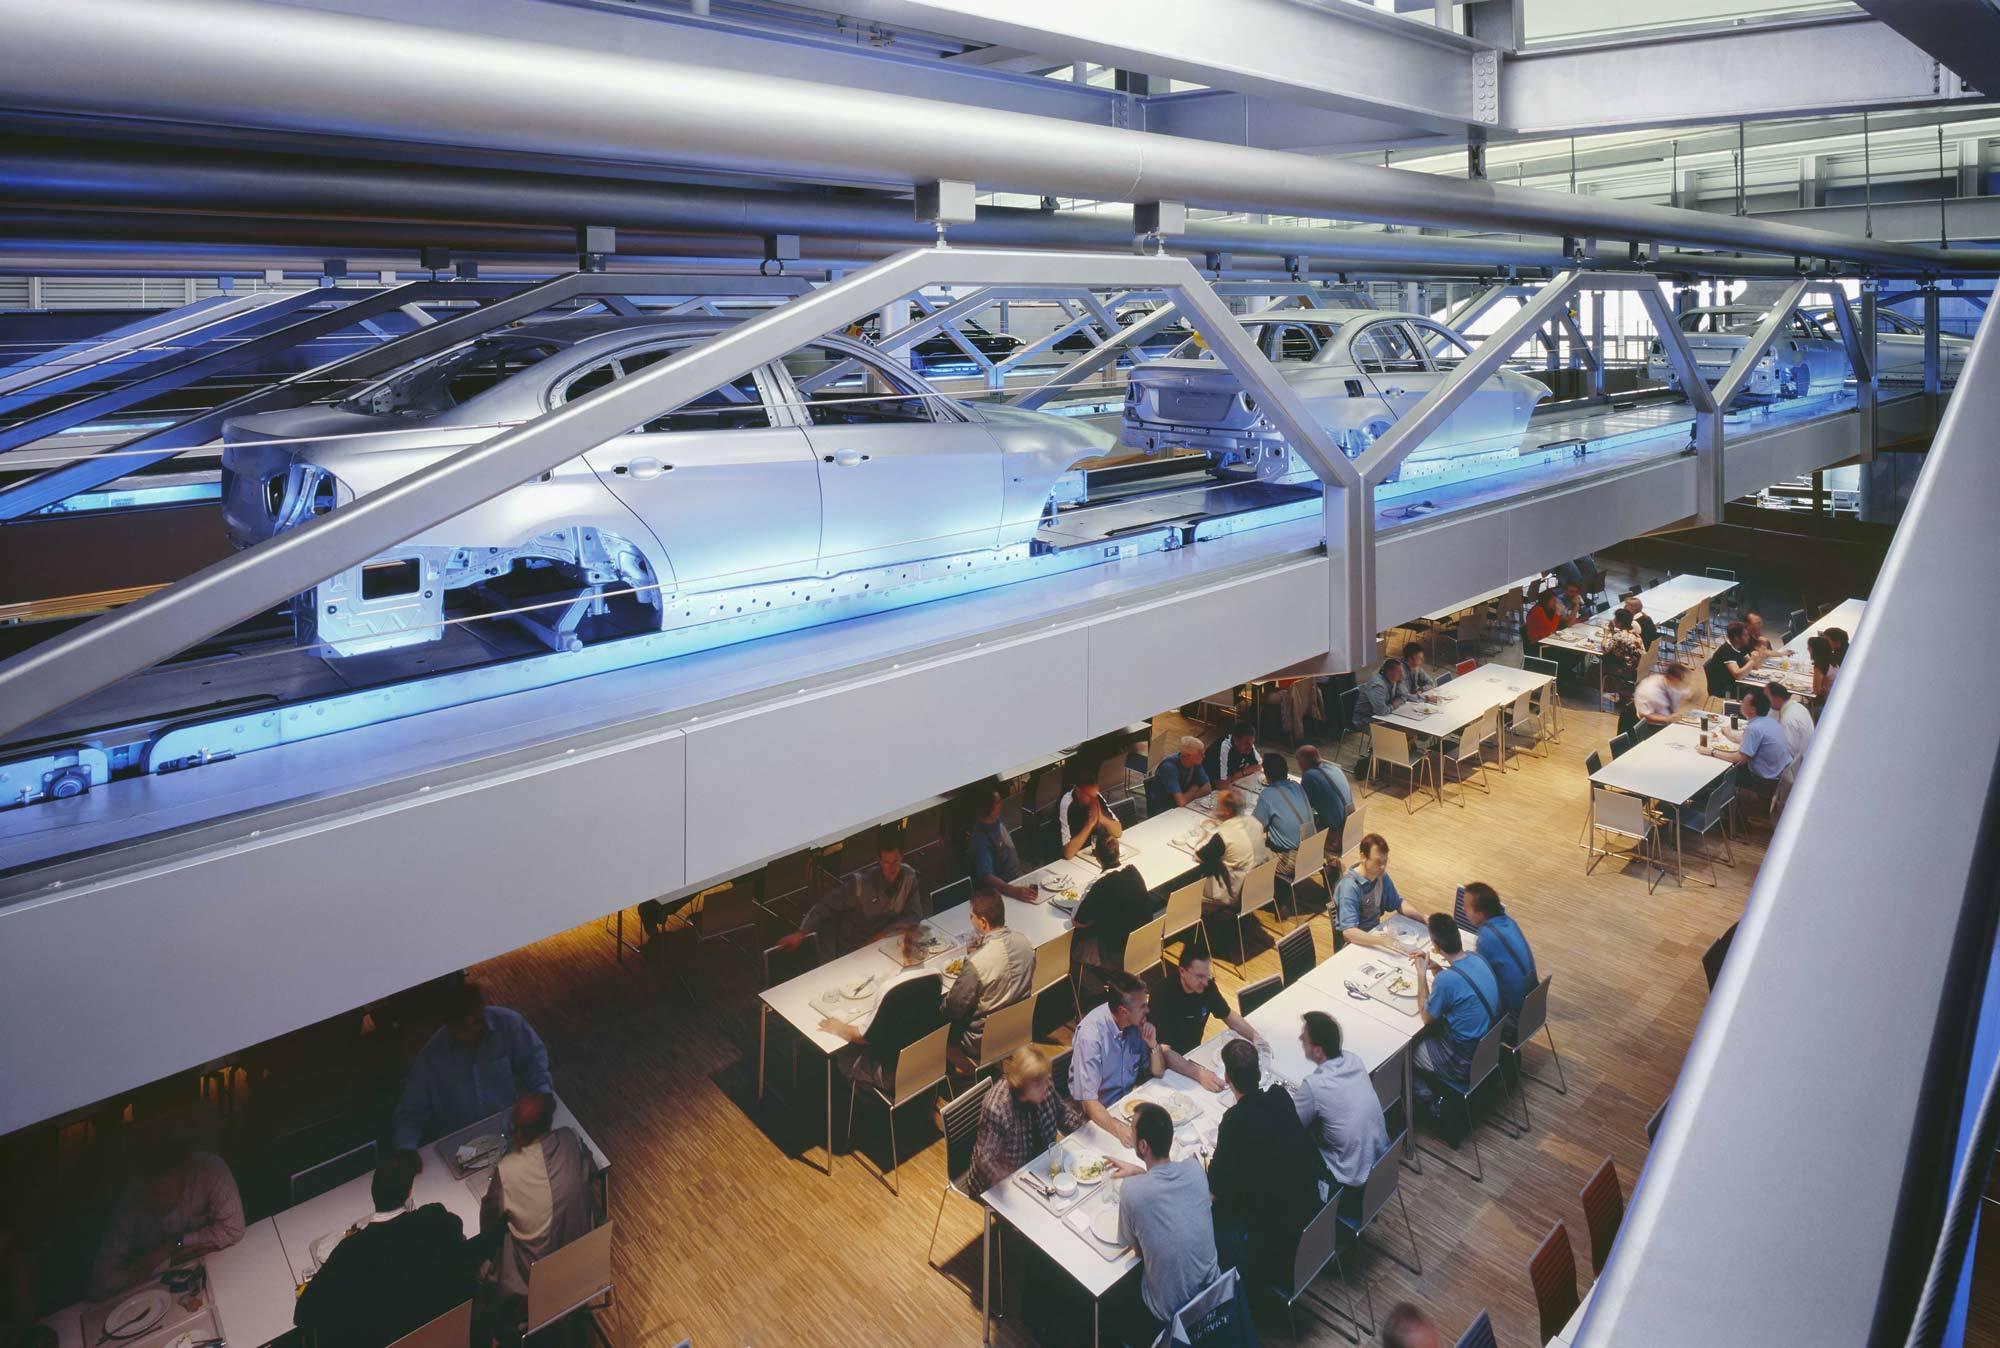 BMW-Gebäude, Zaha Hadid Architects, Leipzig, 2005, Foto: Werner Huthmacher